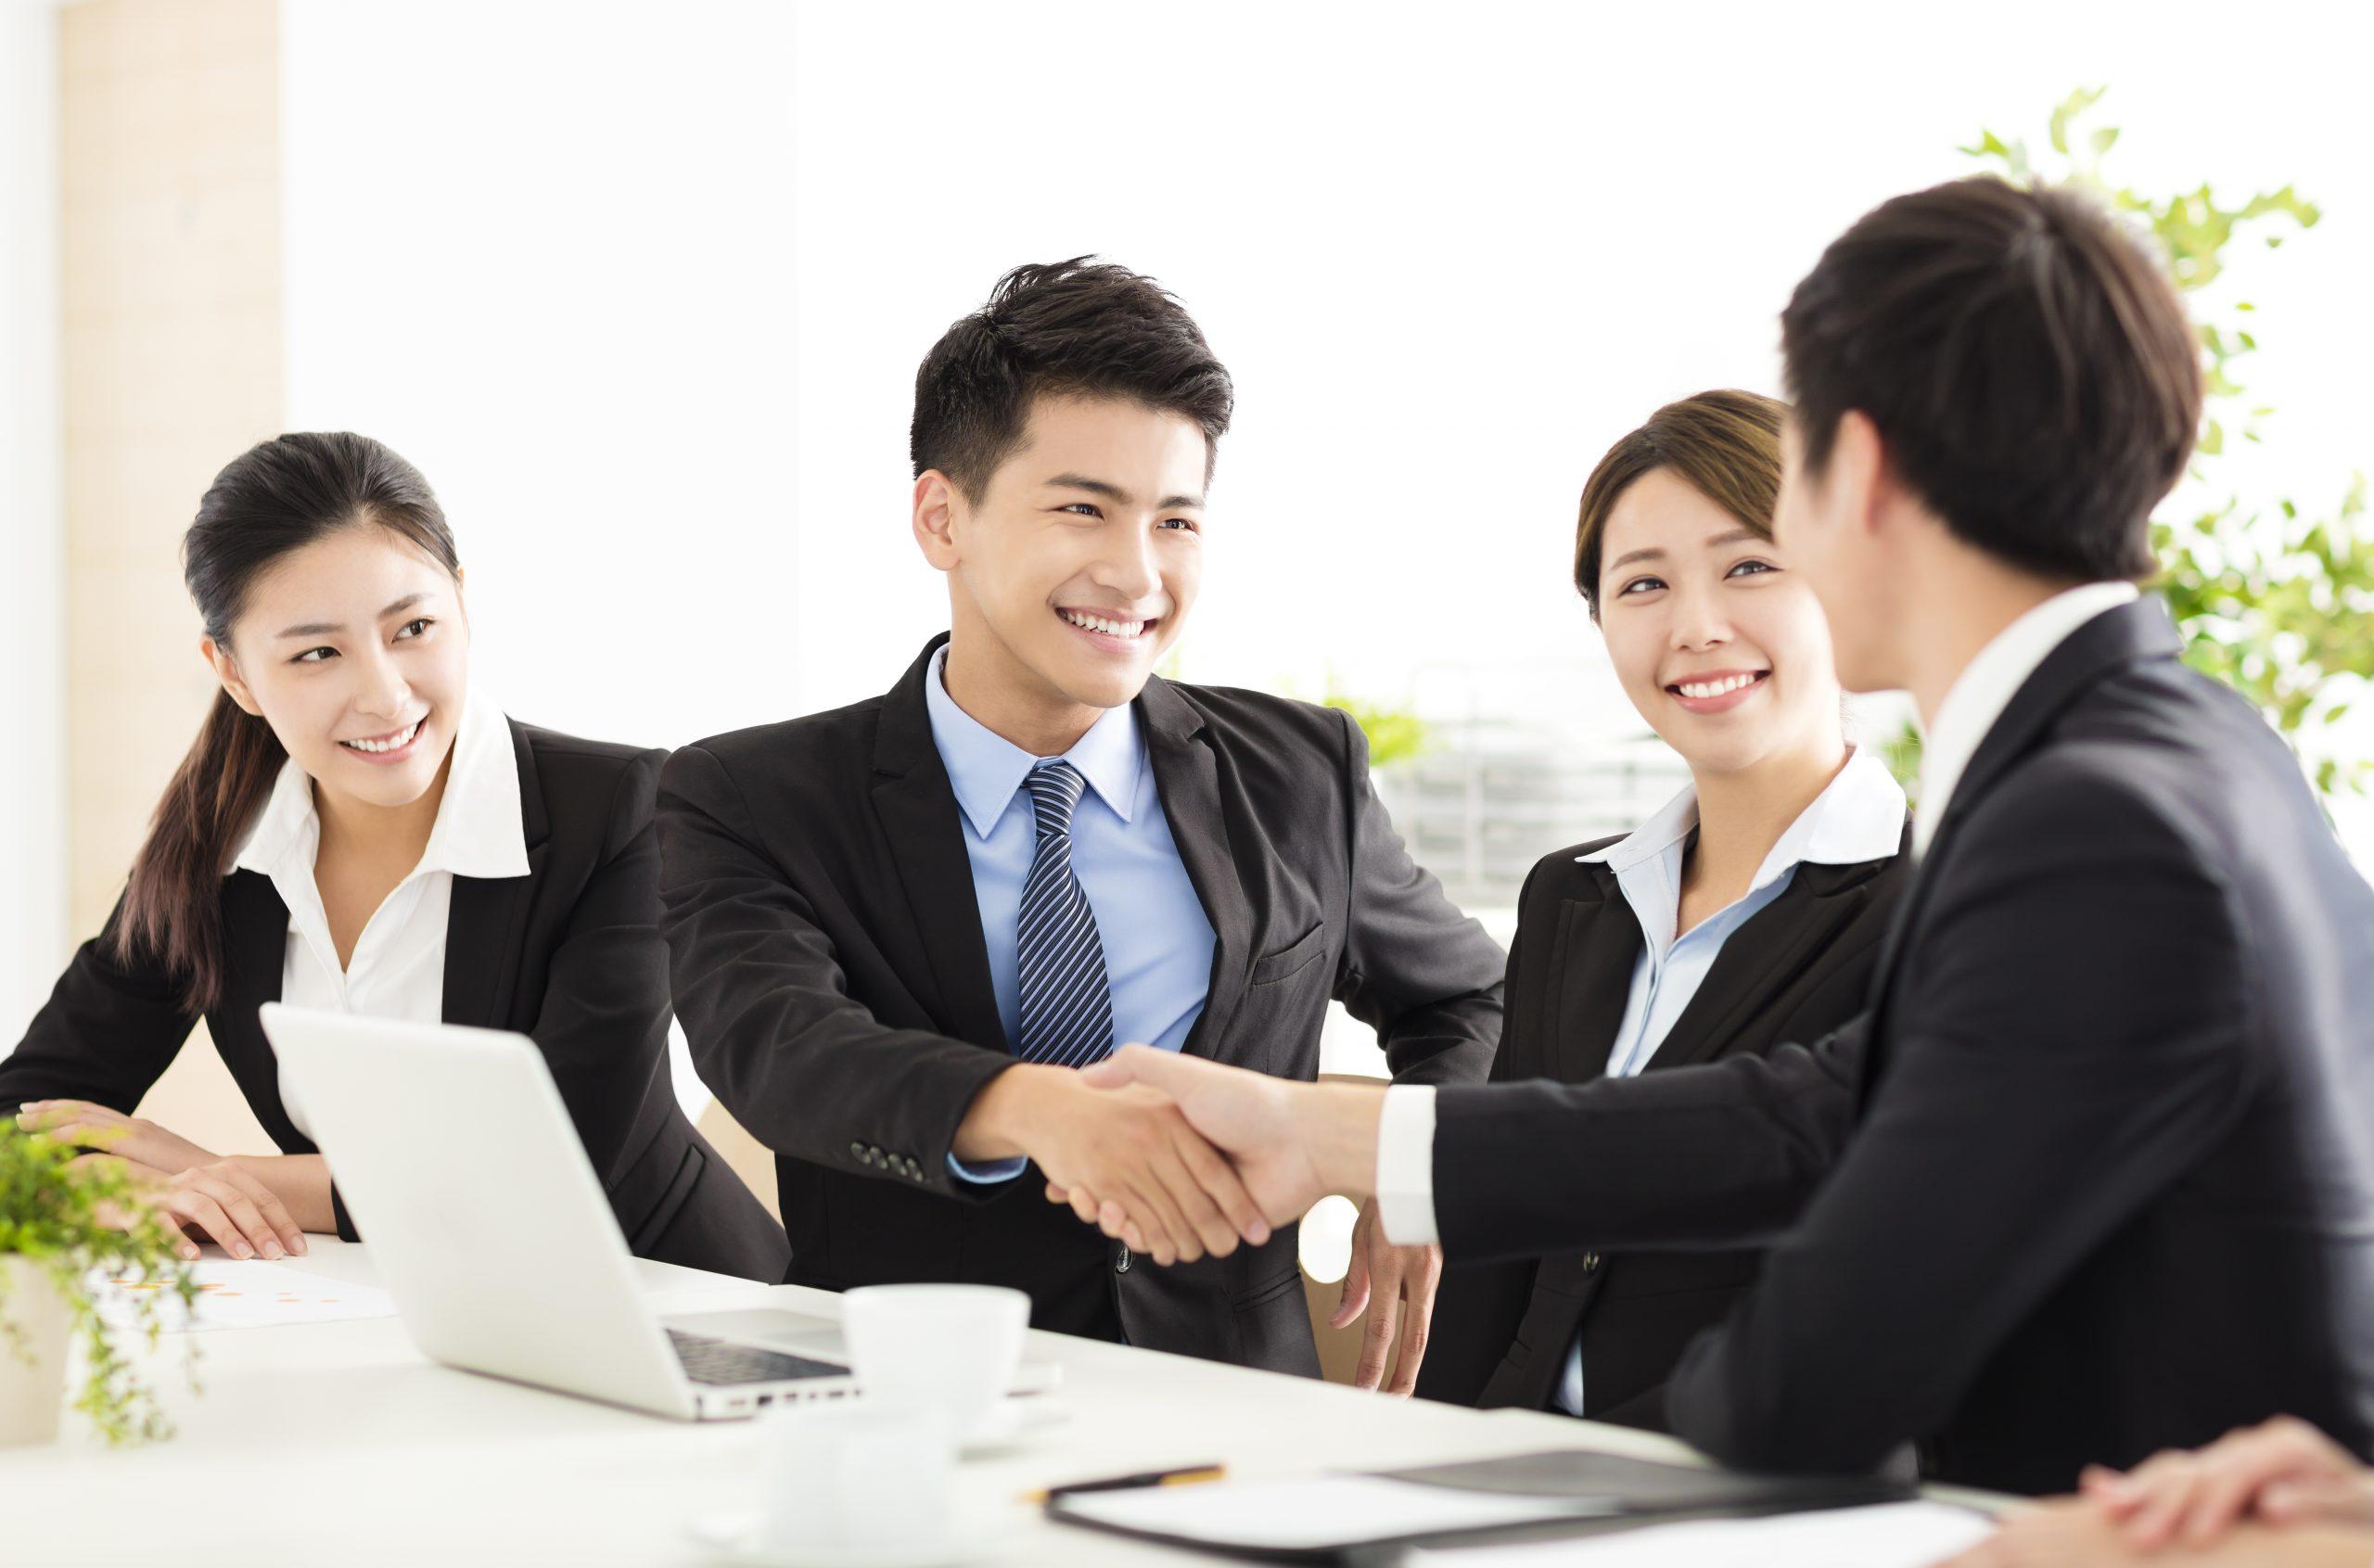 nhóm bốn nam nữ doanh nhân thành đạt mặc vest vui vẻ bắt tay tại cuộc họp trong phòng với laptop, ly cafe, cây cảnh trên bàn